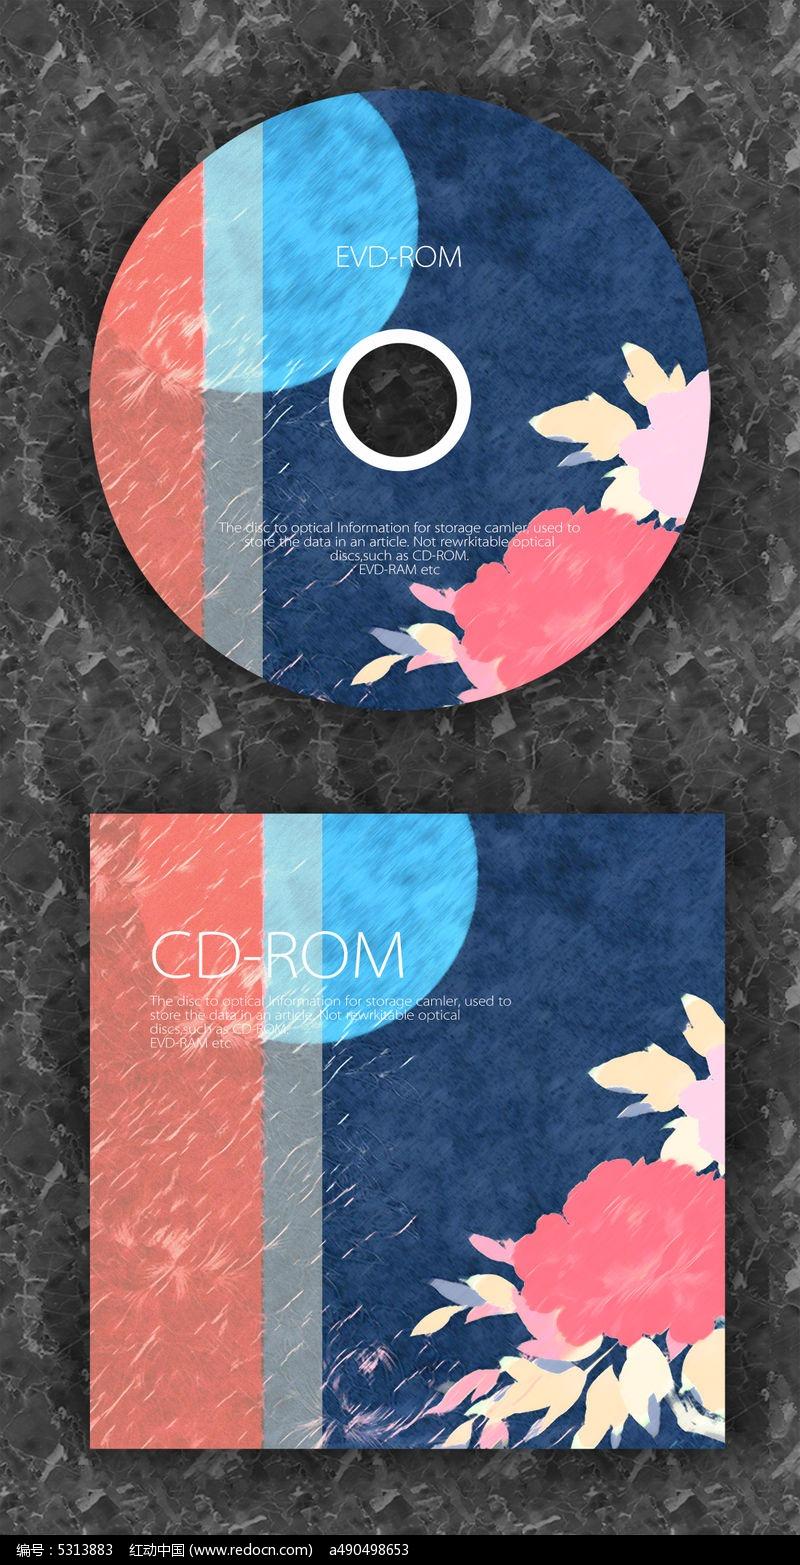 蓝红月亮时尚音乐光盘_包装设计/手提袋图片素材